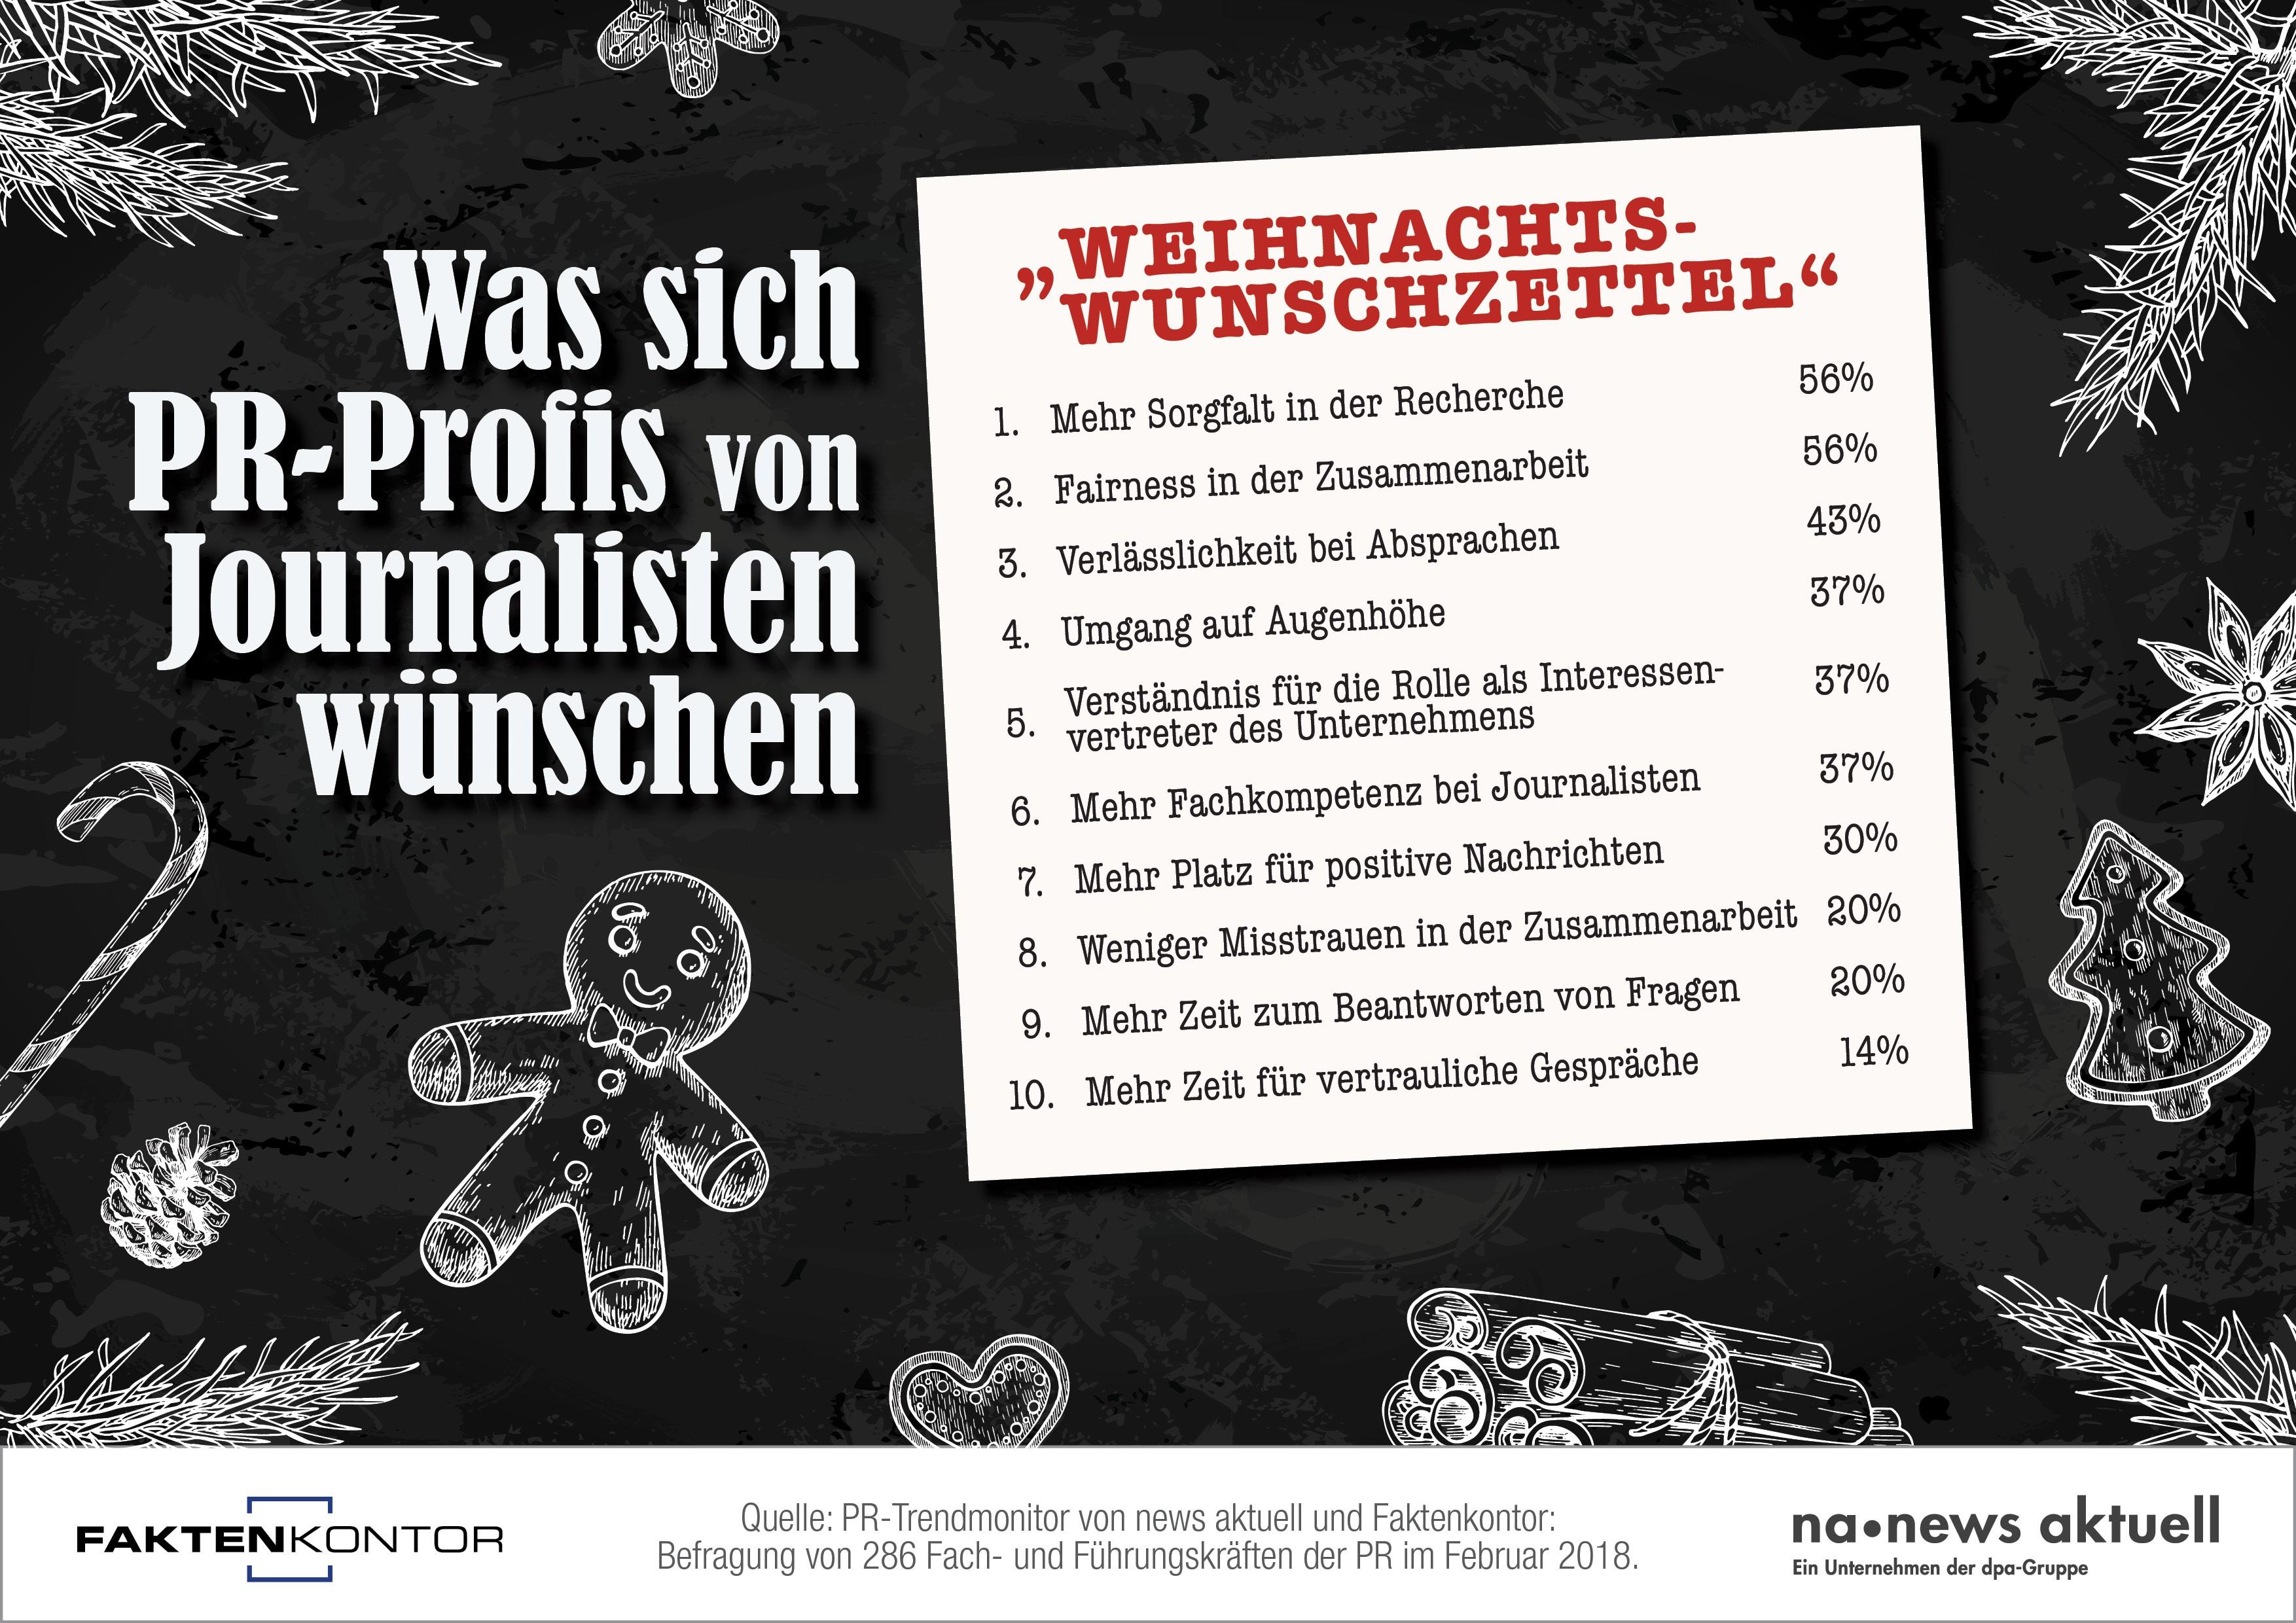 news aktuell Infografik PR-Wunschzettel_CH-D